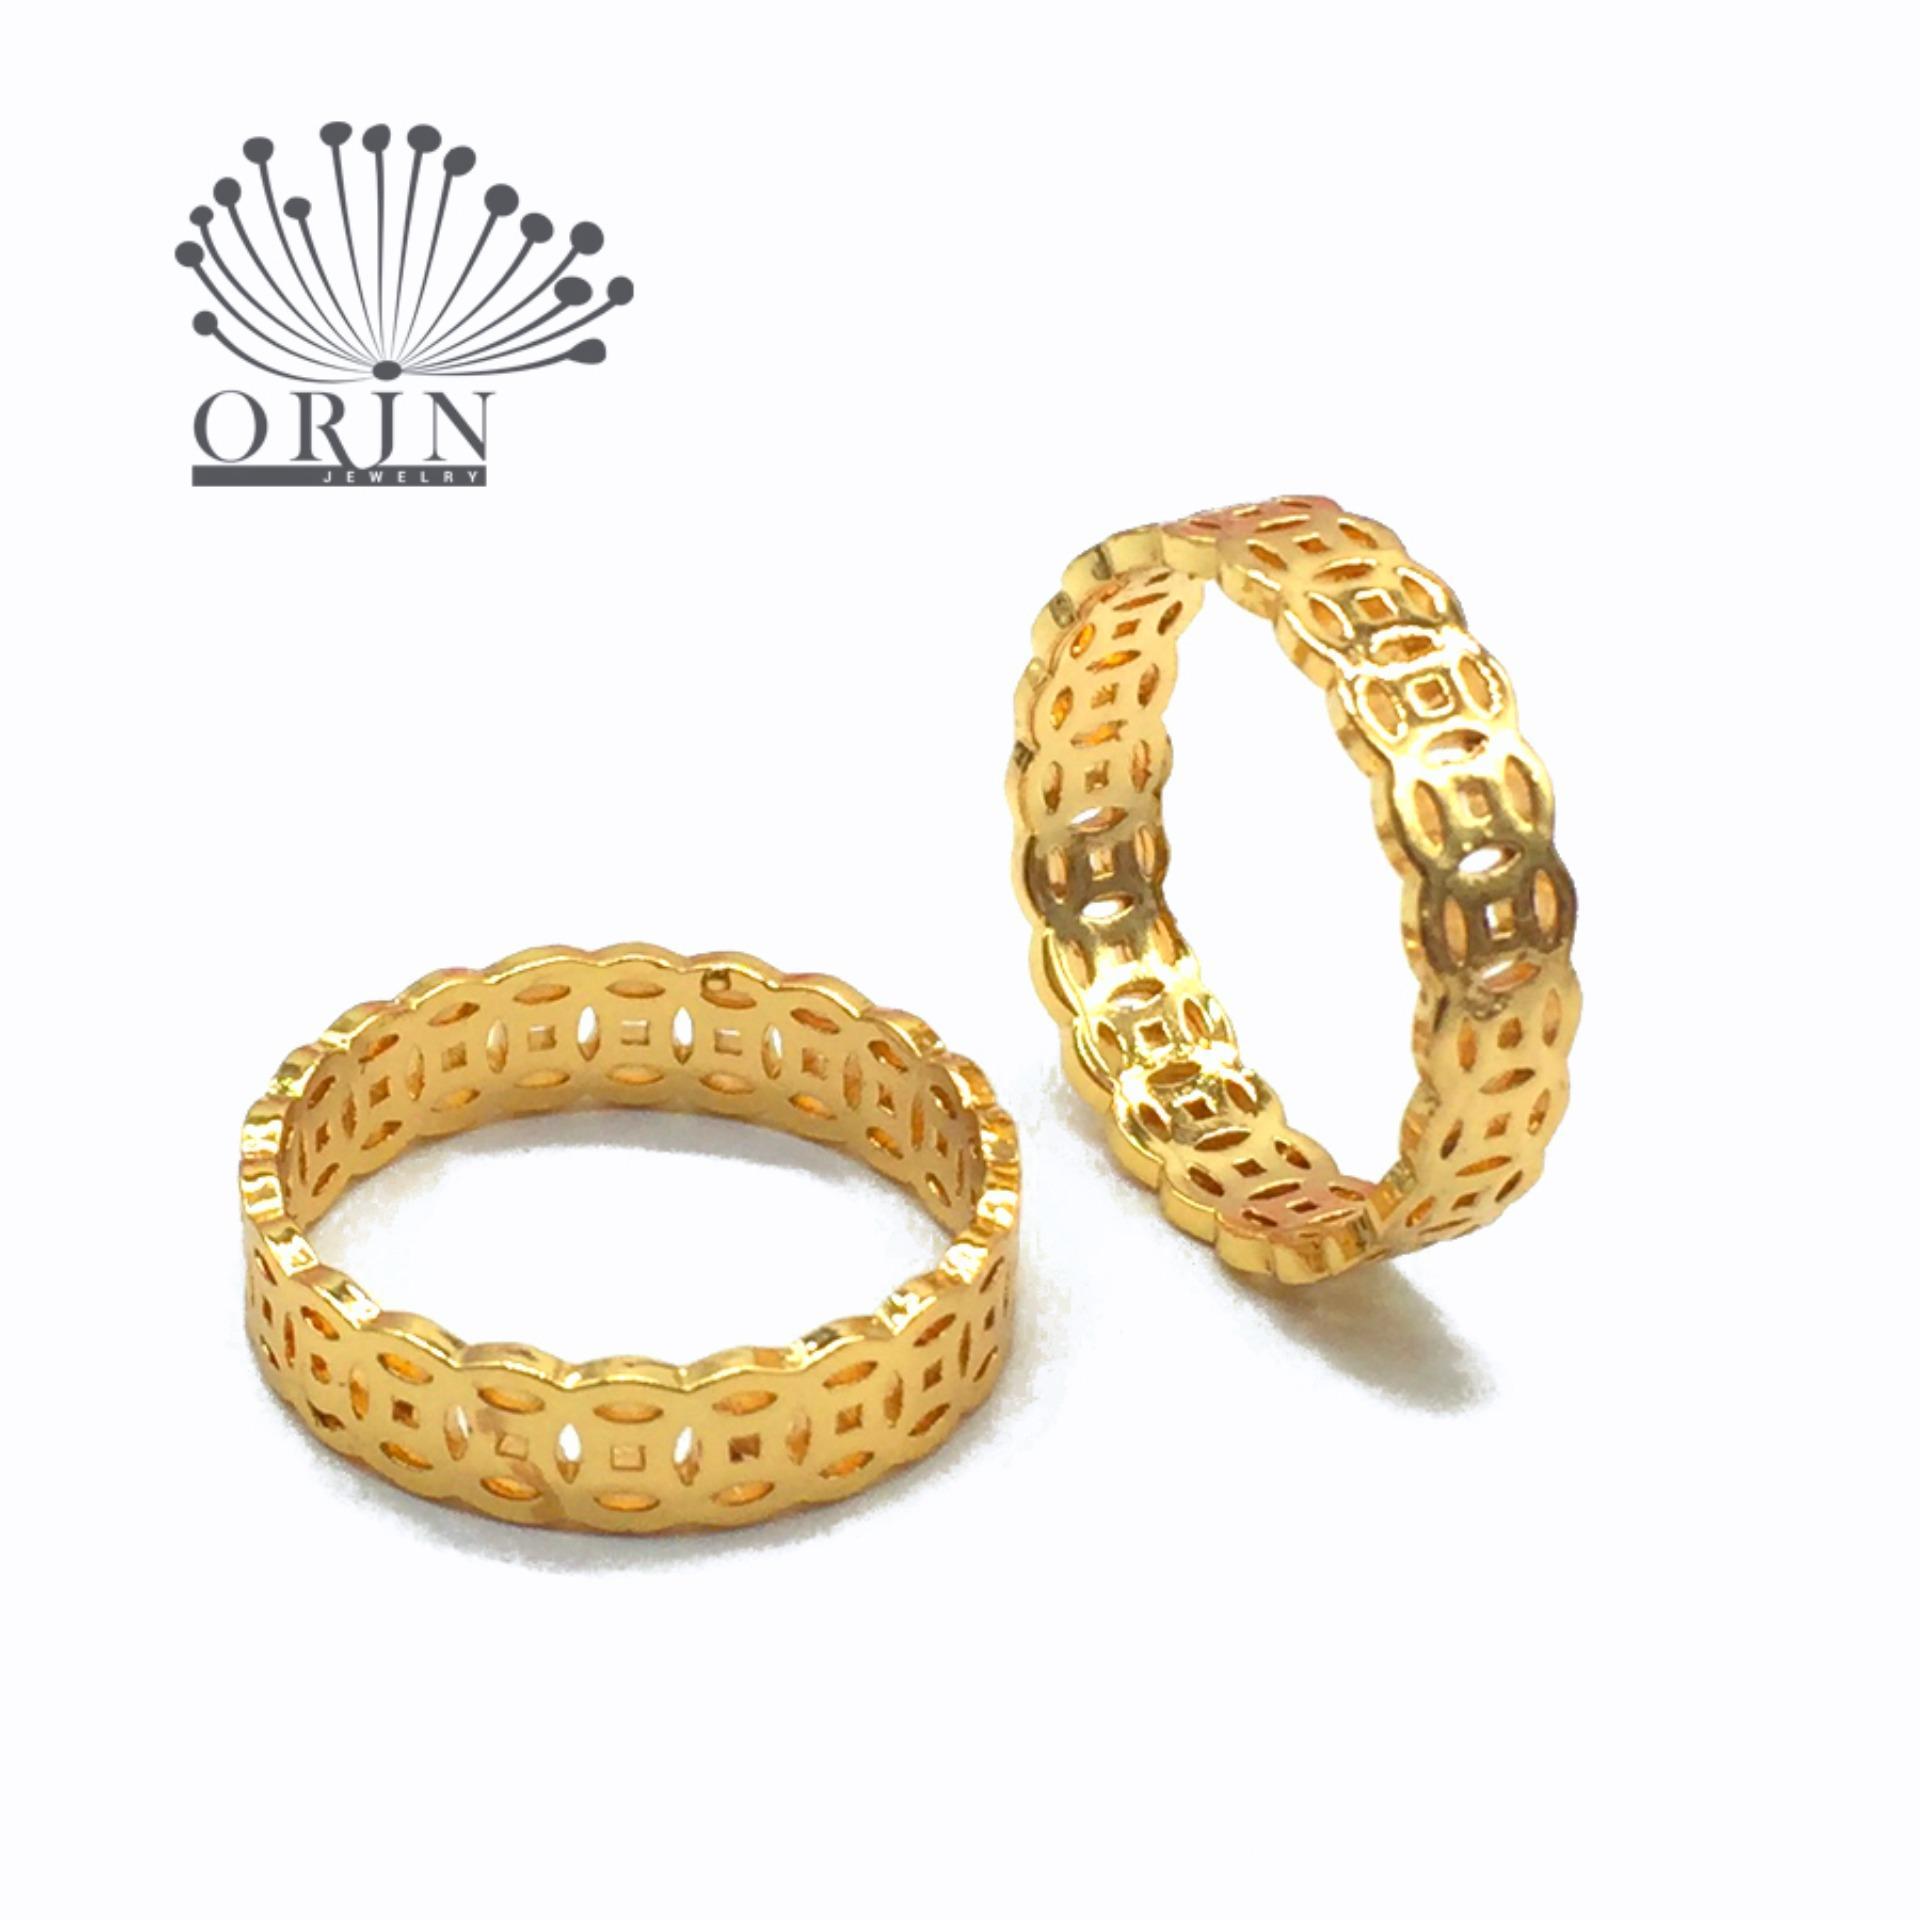 Nhẫn nữ kim tiền may mắn tài lộc bền màu thiết kế cao cấp Orin N19 Công nghệ xi mạ độc quyền 5lớp cao cấp